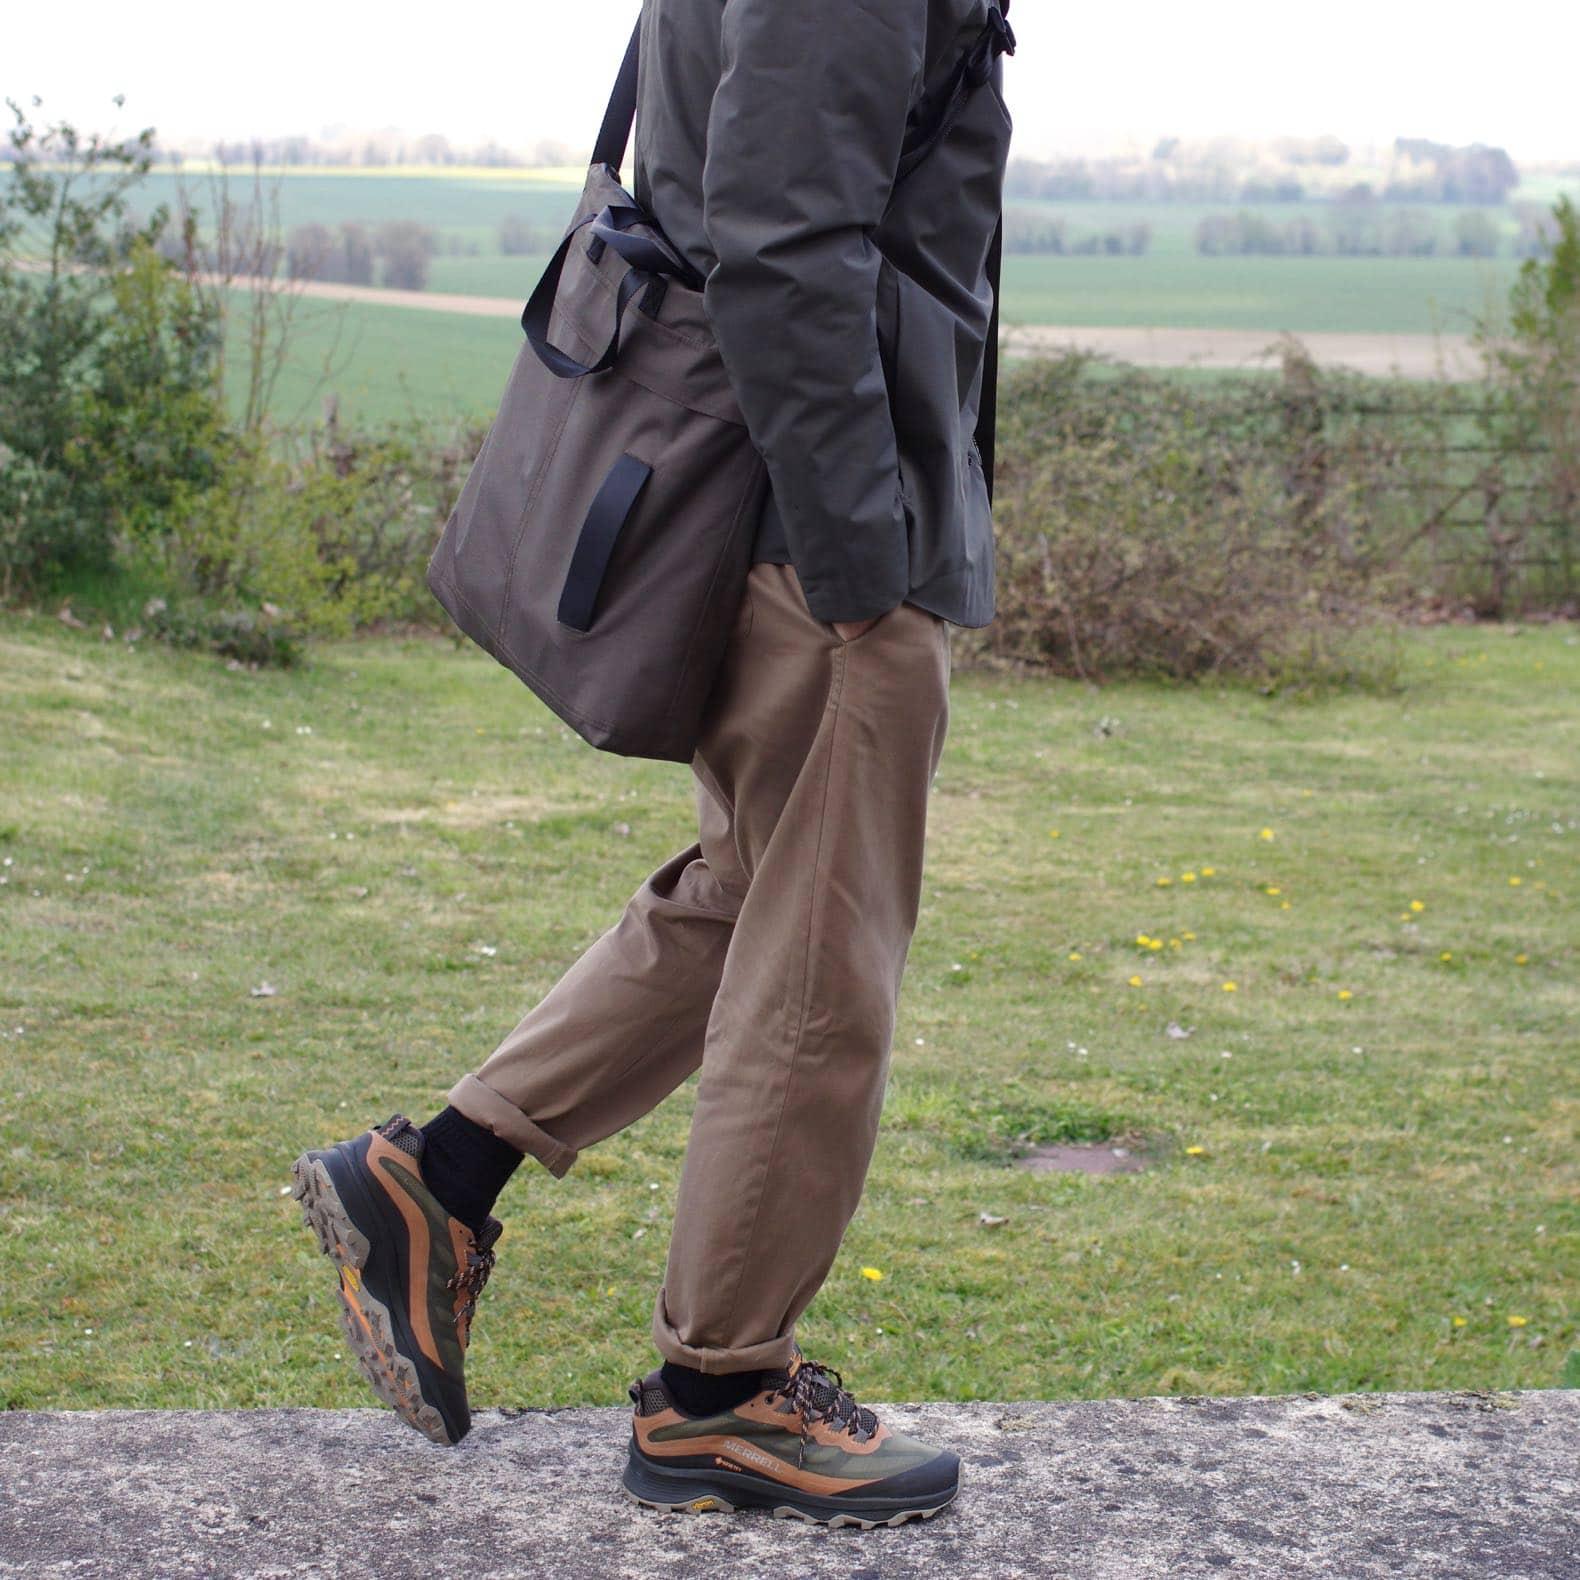 homme dnas un style techwear avec helmet bag kestin pantalon